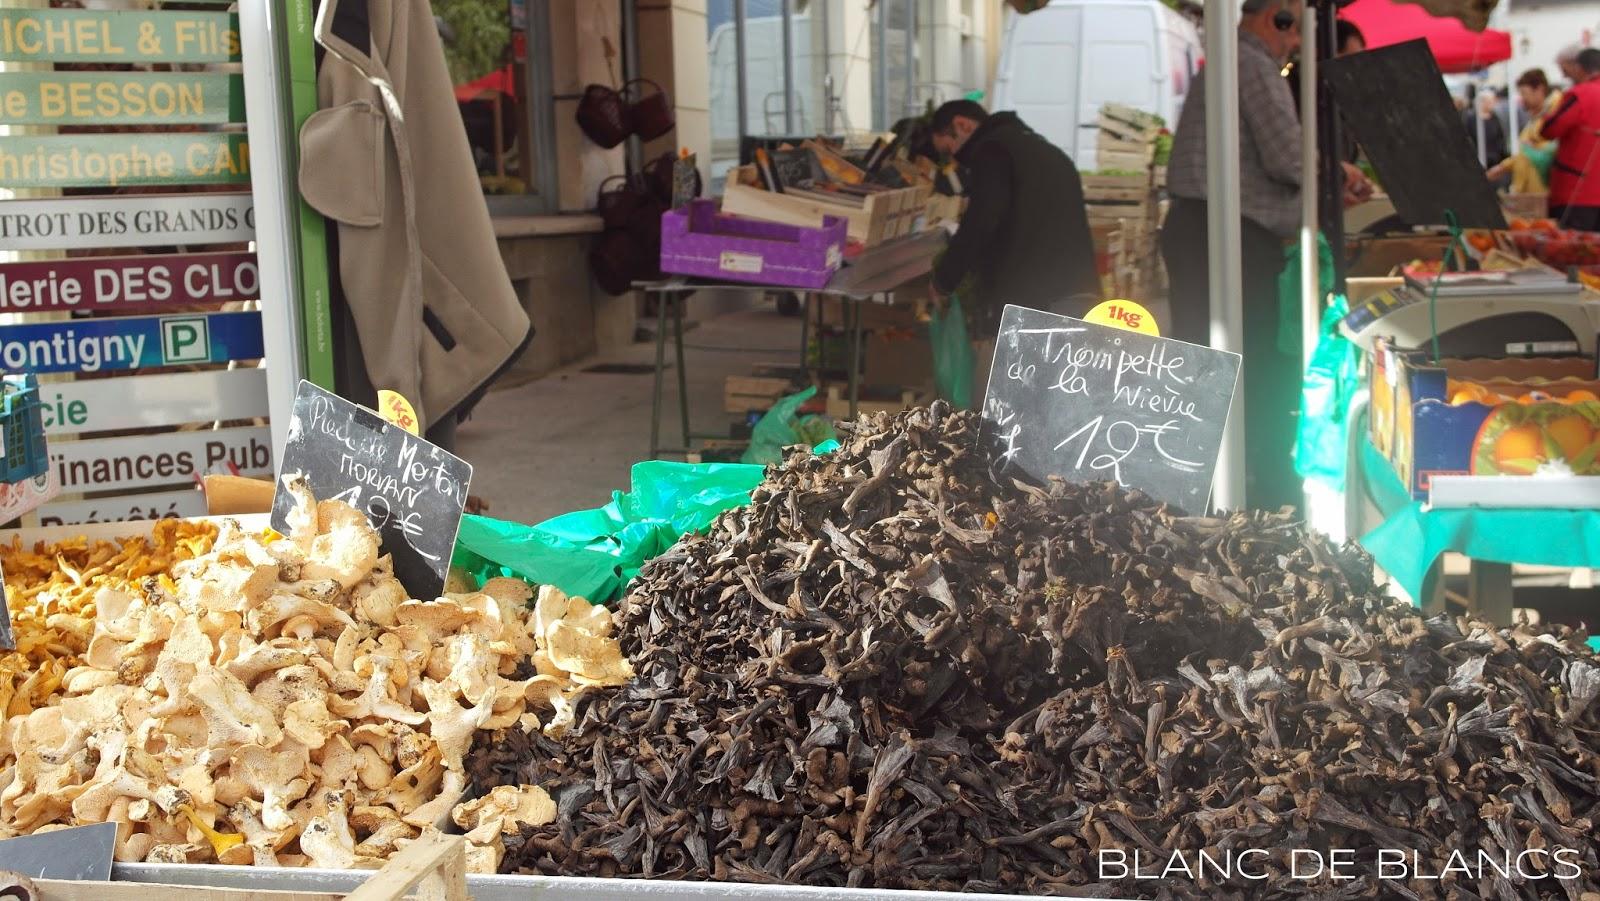 Sieniä ranskalaisilla markkinoilla - www.blancdeblancs.fi